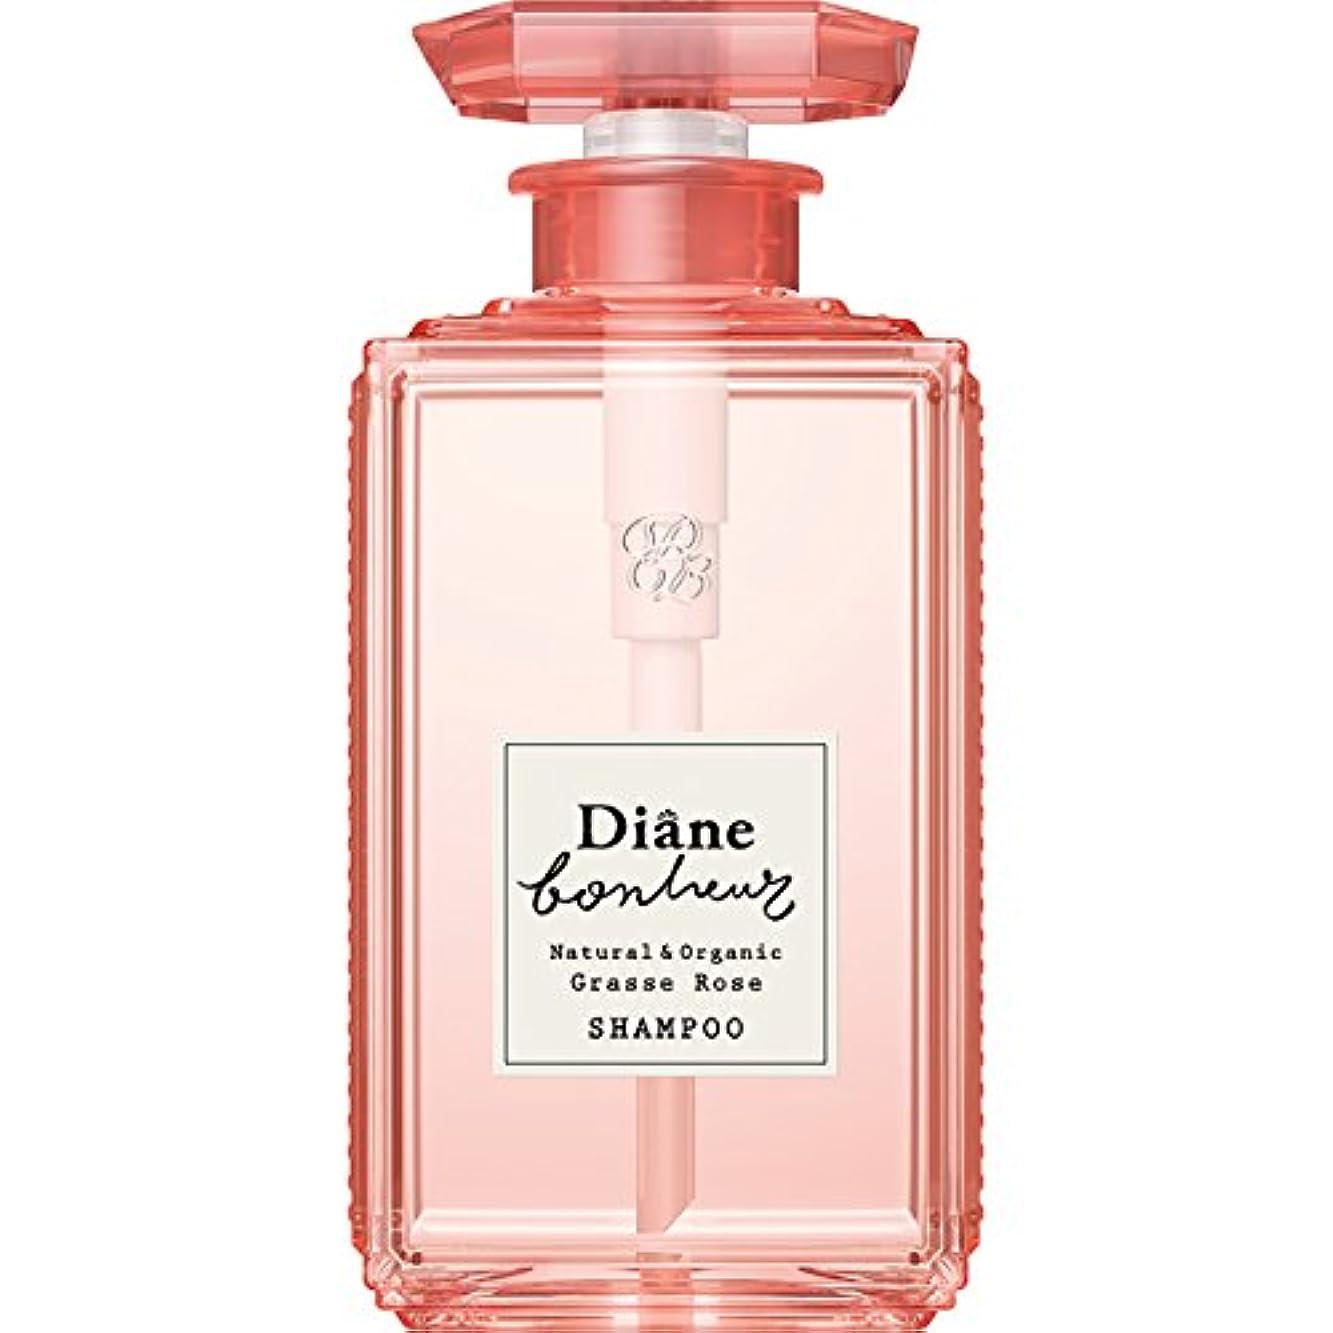 抗生物質問い合わせ買うダイアン ボヌール グラースローズの香り ダメージリペア シャンプー 500ml